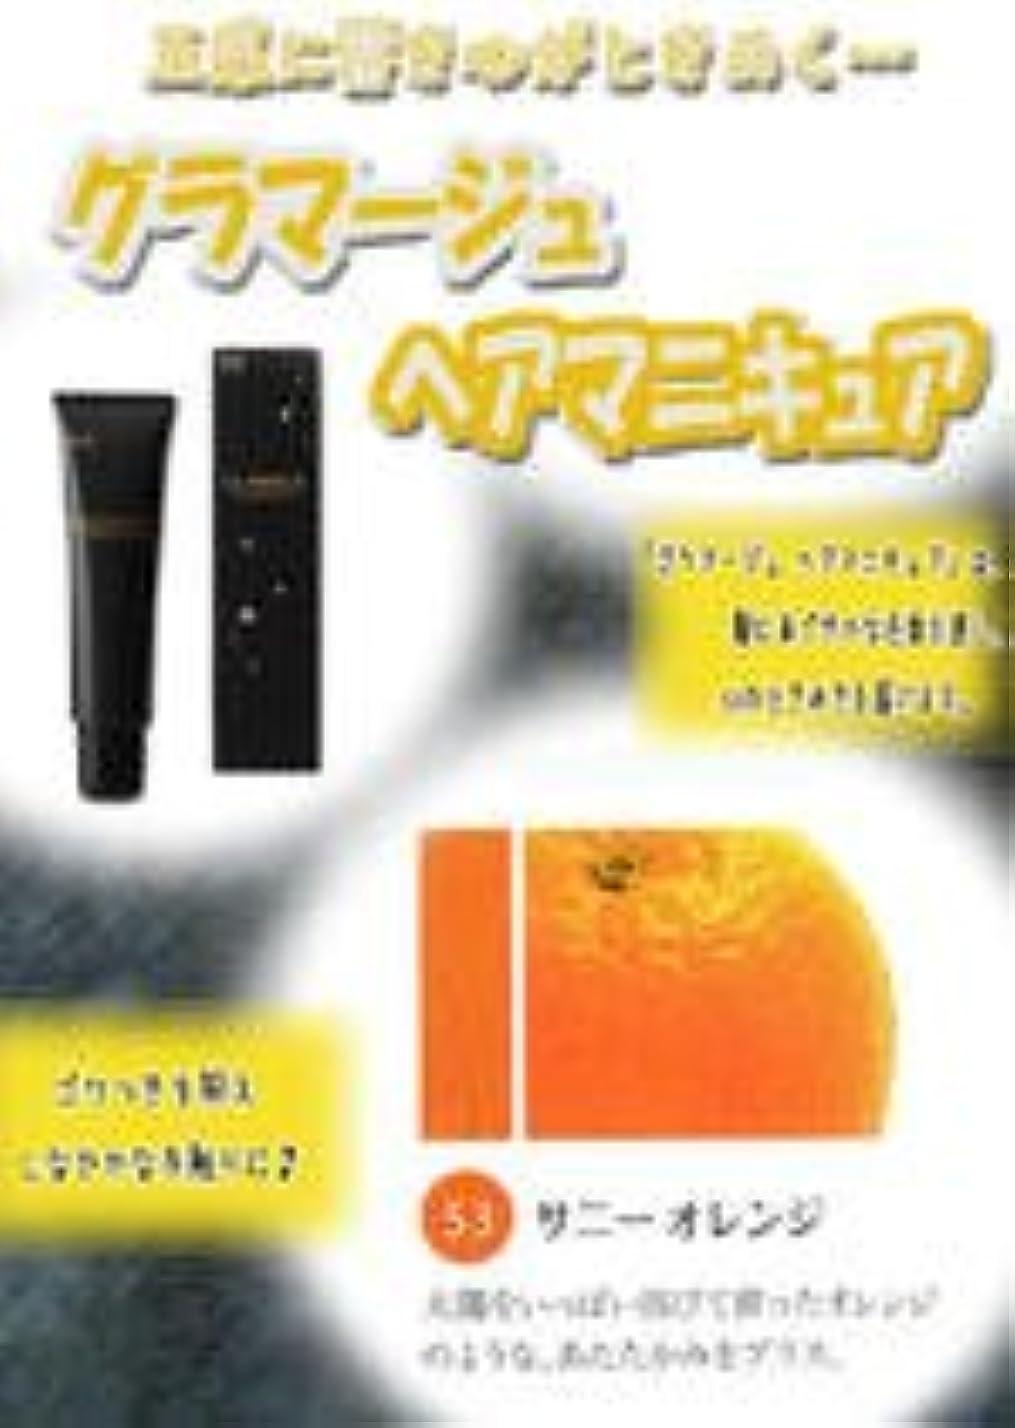 罪悪感汚れる主張するHOYU ホーユー グラマージュ ヘアマニキュア 53 サニーオレンジ 150g 【ビビッド系】